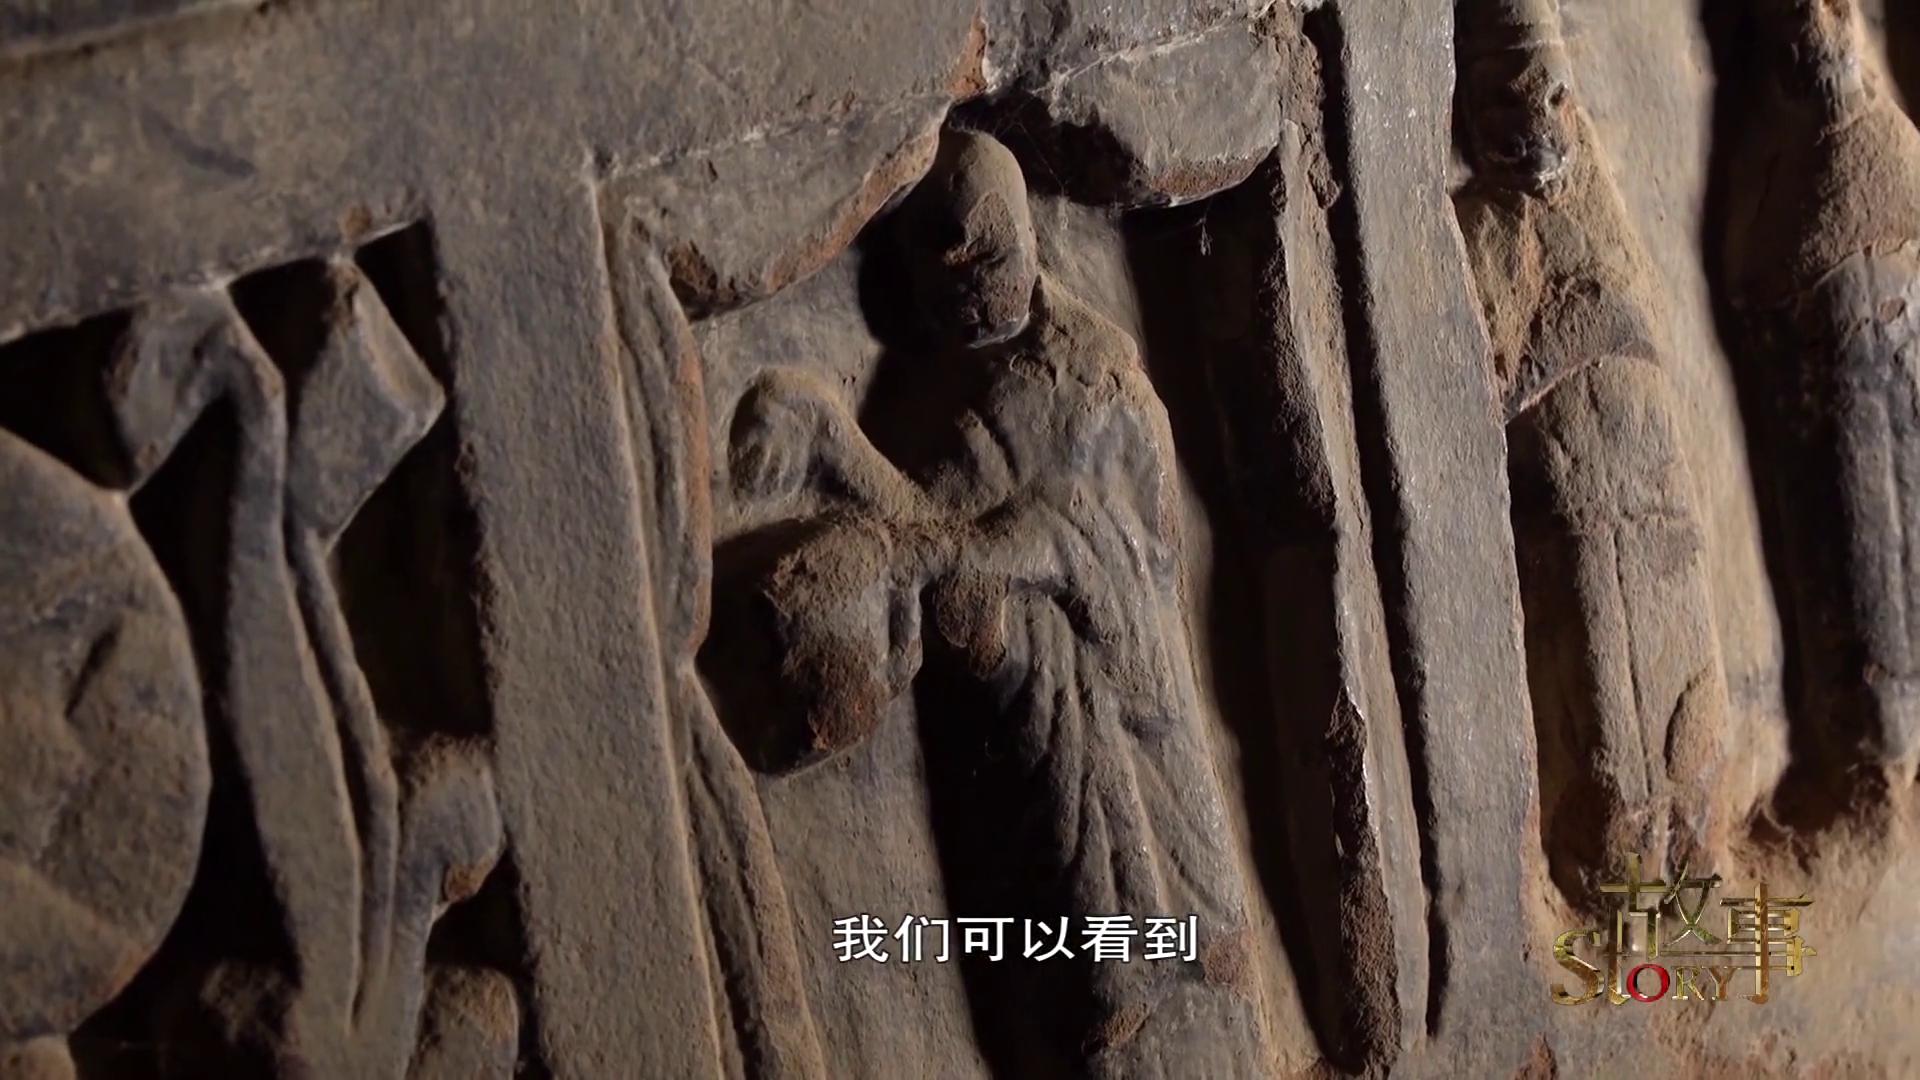 从须弥山石窟入手,品味北周时期供养人的服饰文化